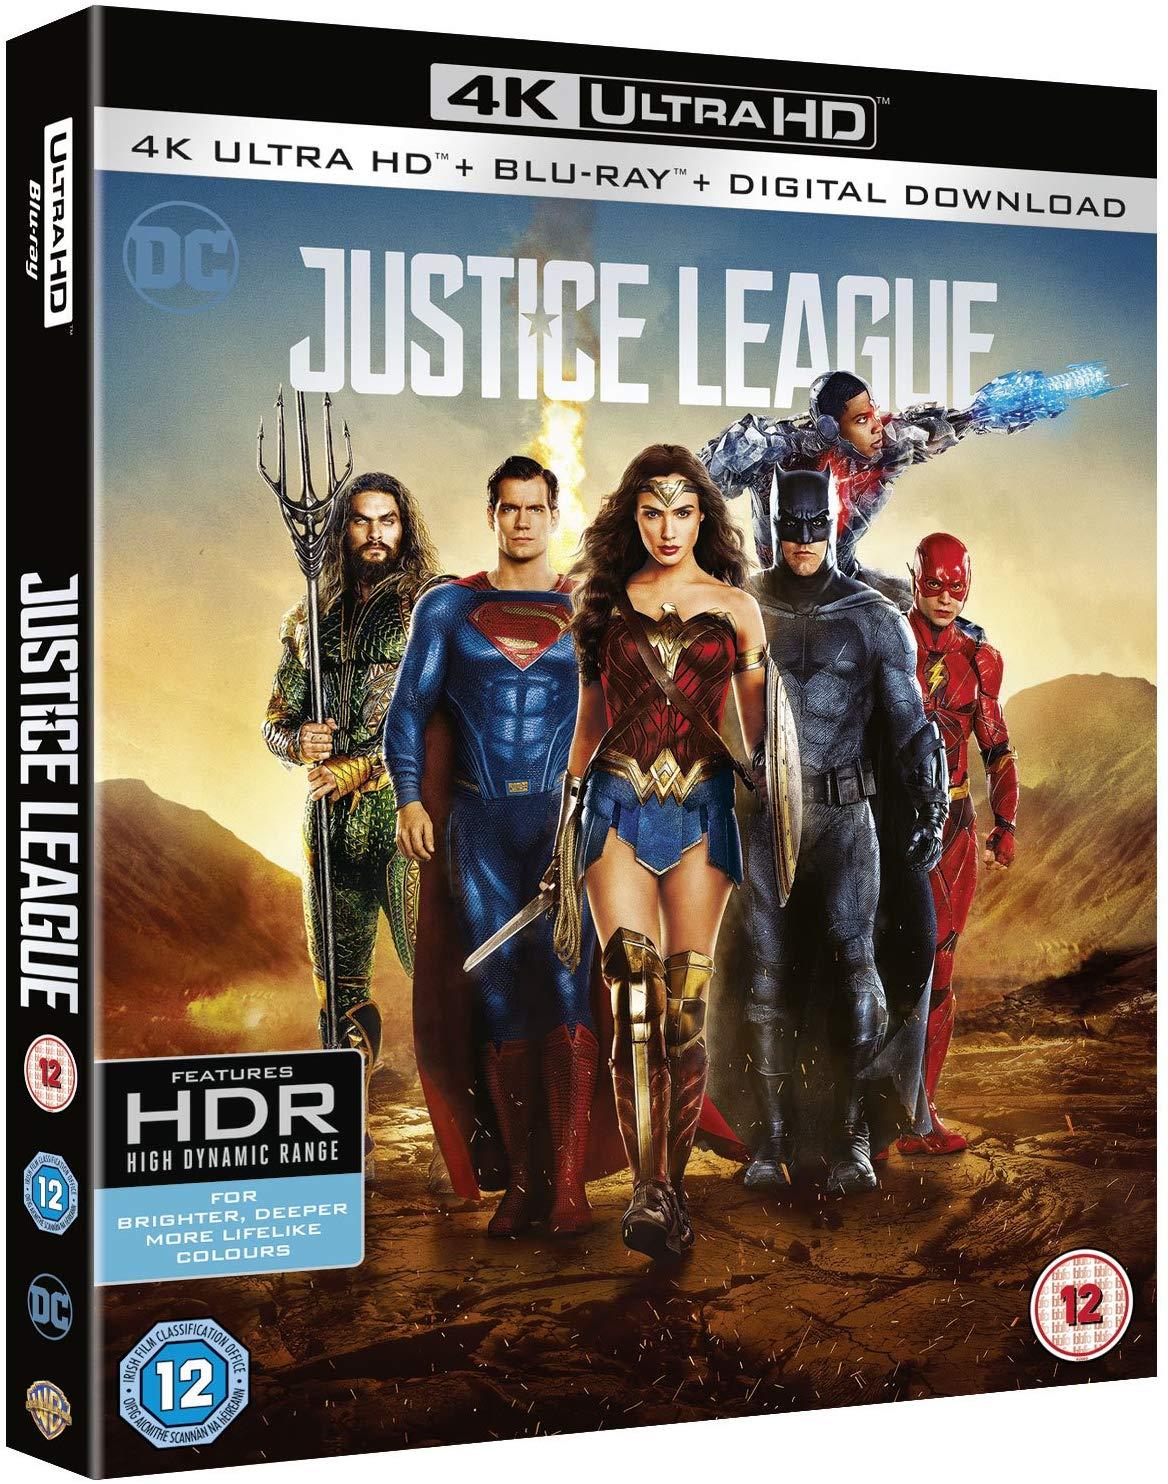 Justice League [4k Ultra HD + Blu-ray + Digital Download] [2017] £9.99 @ Amazon Prime / £12.98 Non Prime